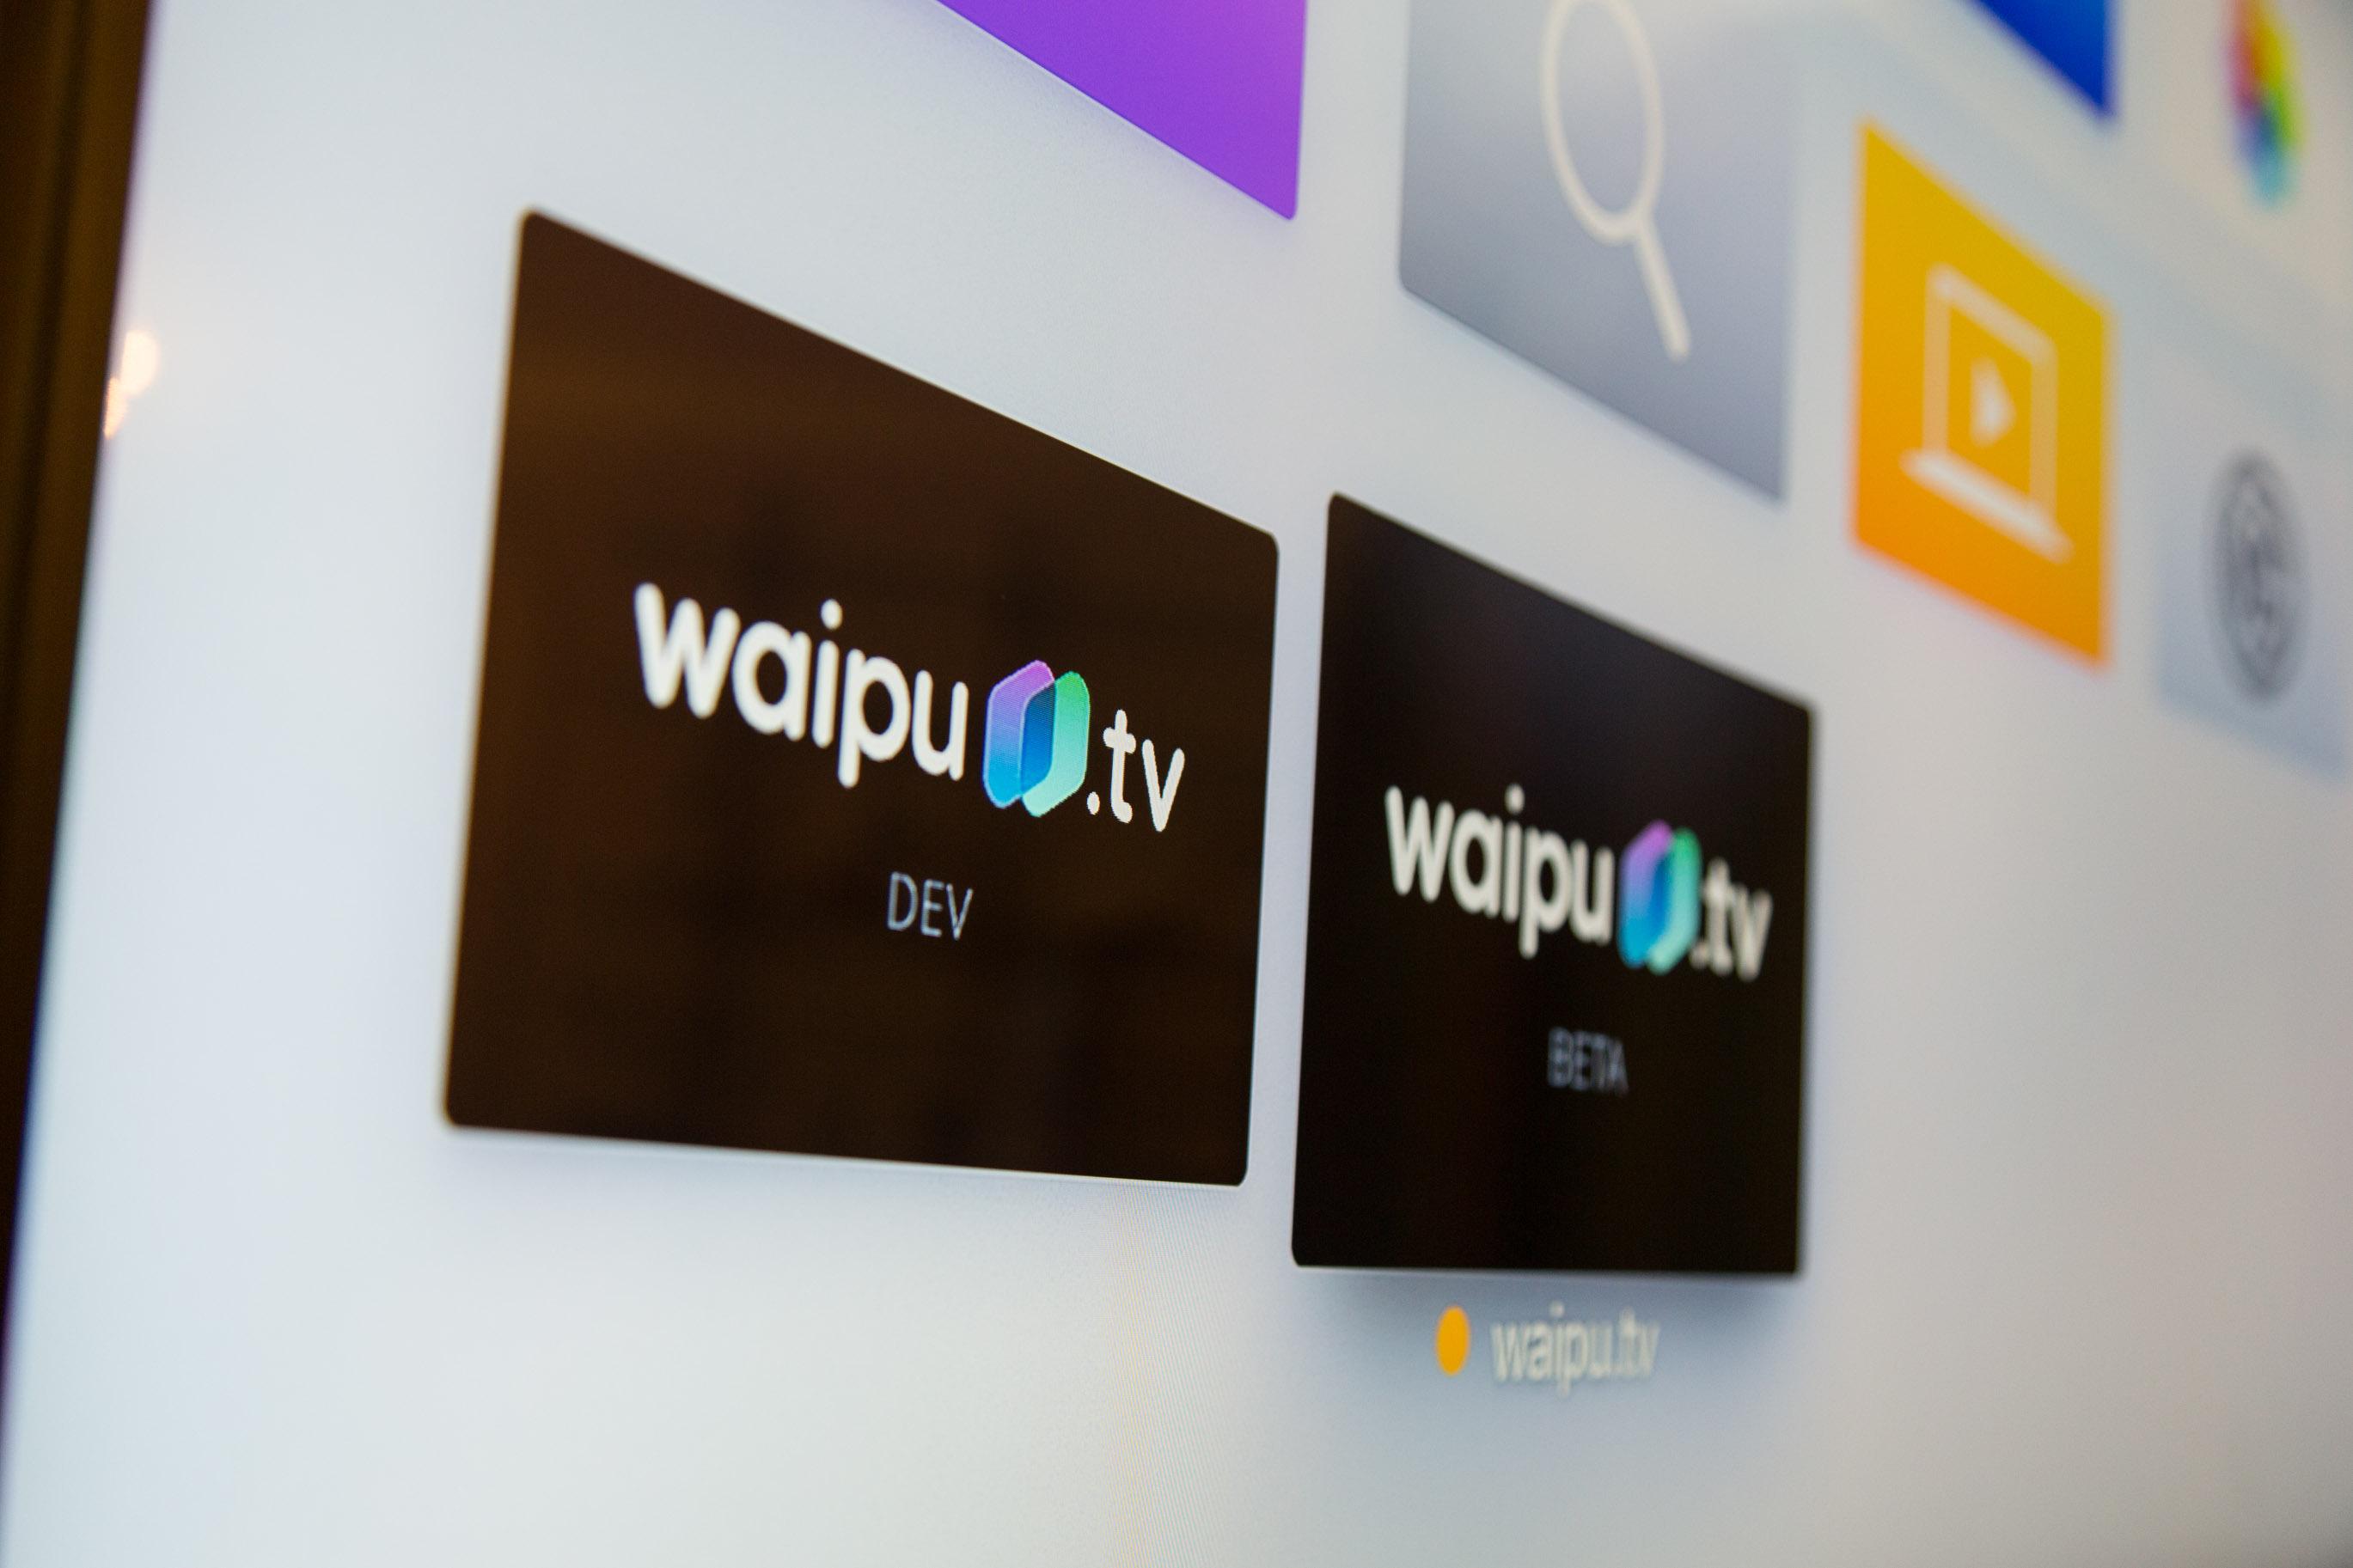 Waipu TV auf dem Fire TV im Hands on: Das Fernsehprogramm mit einem Wisch streamen -